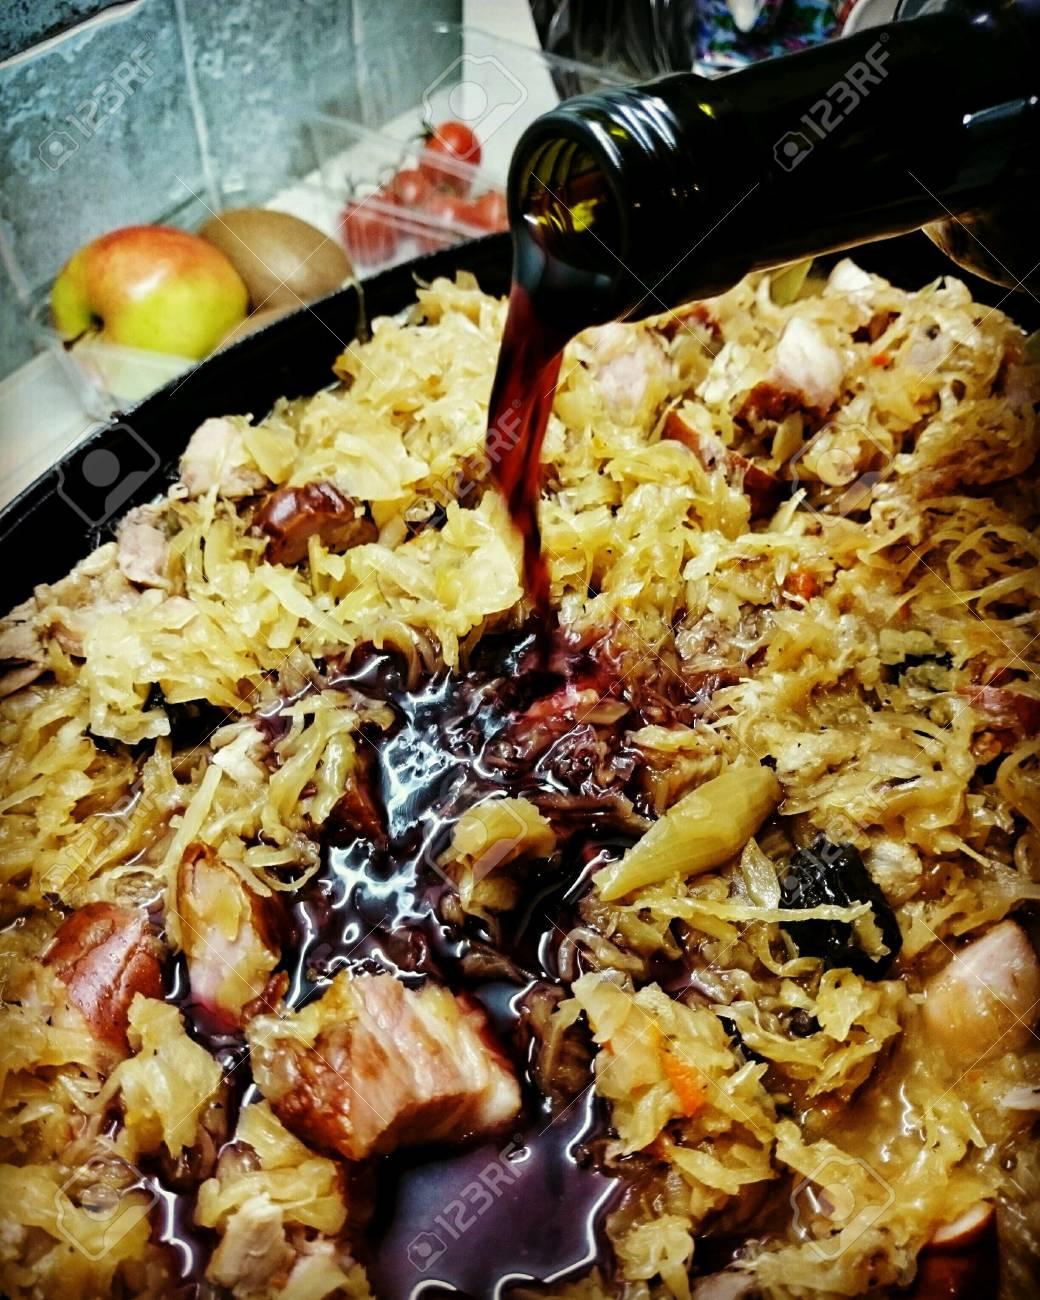 Jarret De Porc Au Chou : jarret, Préparation, Traditionnel, Polonais, Bigos, Chou,, Choucroute,, Jarret, Porc,, B?uf,, Saucisse., Banque, D'Images, Photos, Libres, Droits., Image, 49973840.